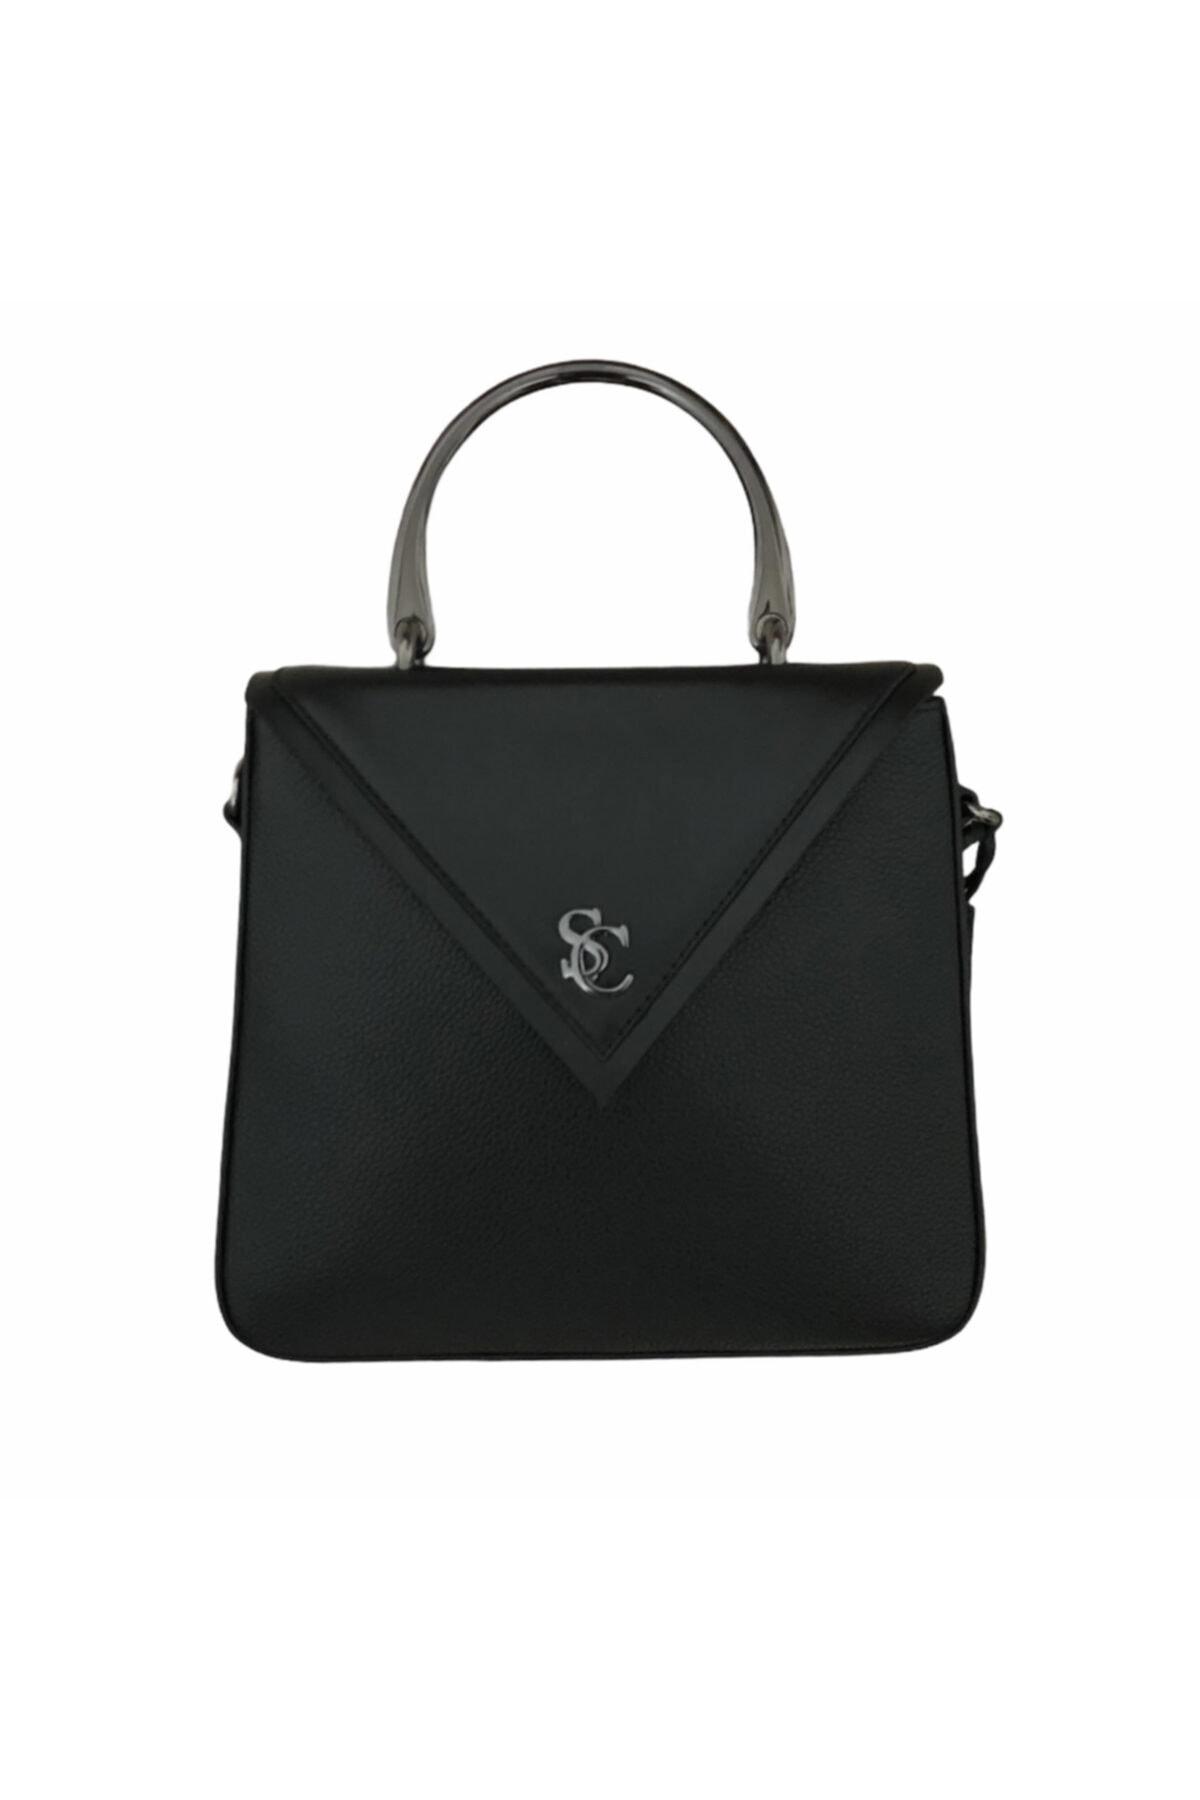 حقيبة يد نسائية من الجلد الطبيعي ، تصميم يدوي ، حقيبة كتف ، موضة 100 21SS ، حقيبة كتف